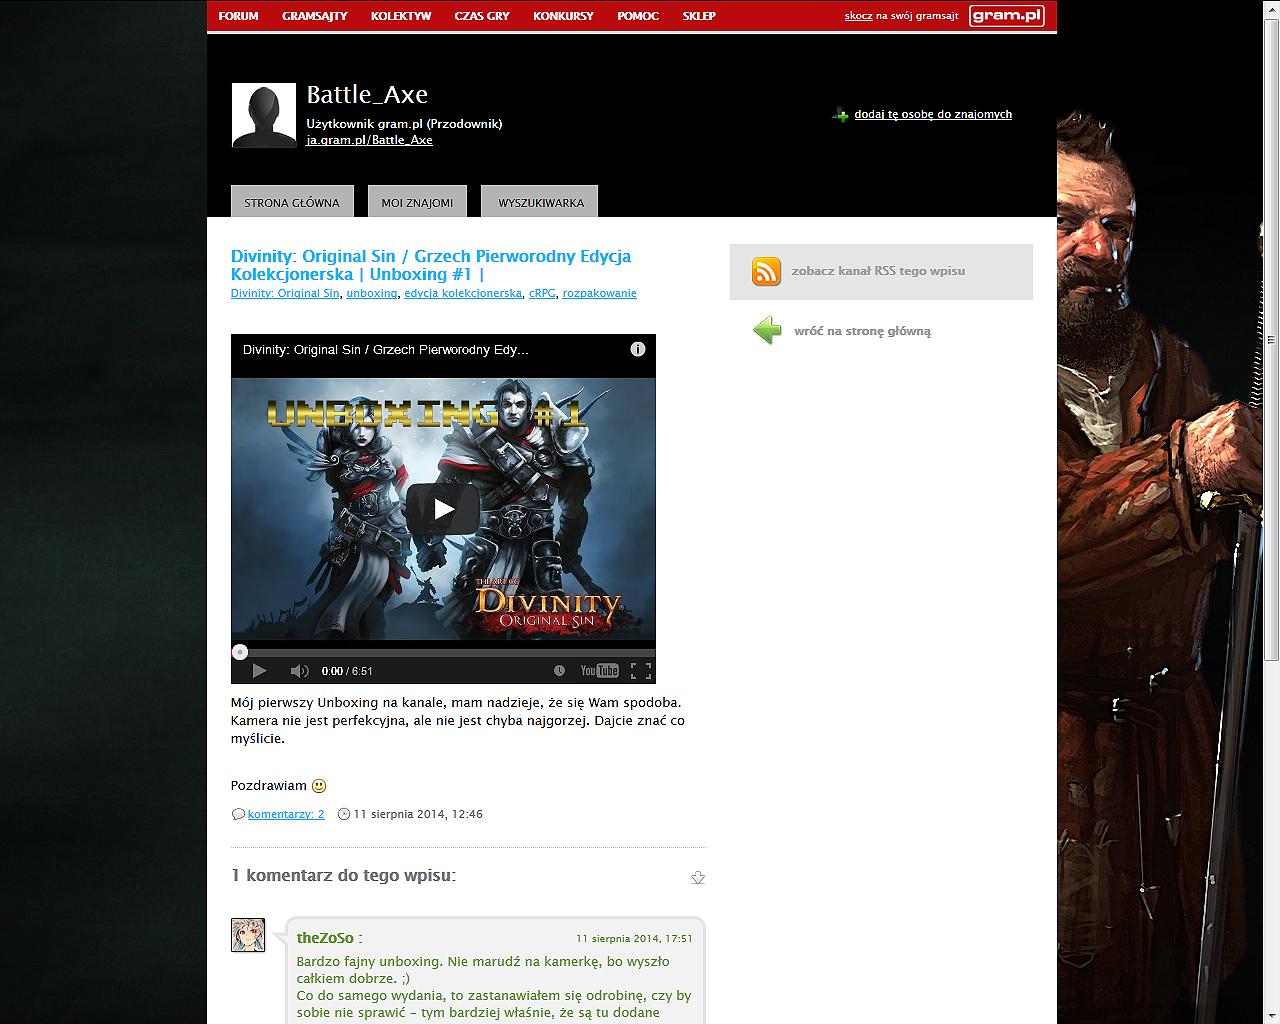 Co w gramsajtach piszczy #104 - O Gamescomie, problemach z premierami i starych przyjaciołach ze szklanego ekranu... - obrazek 4